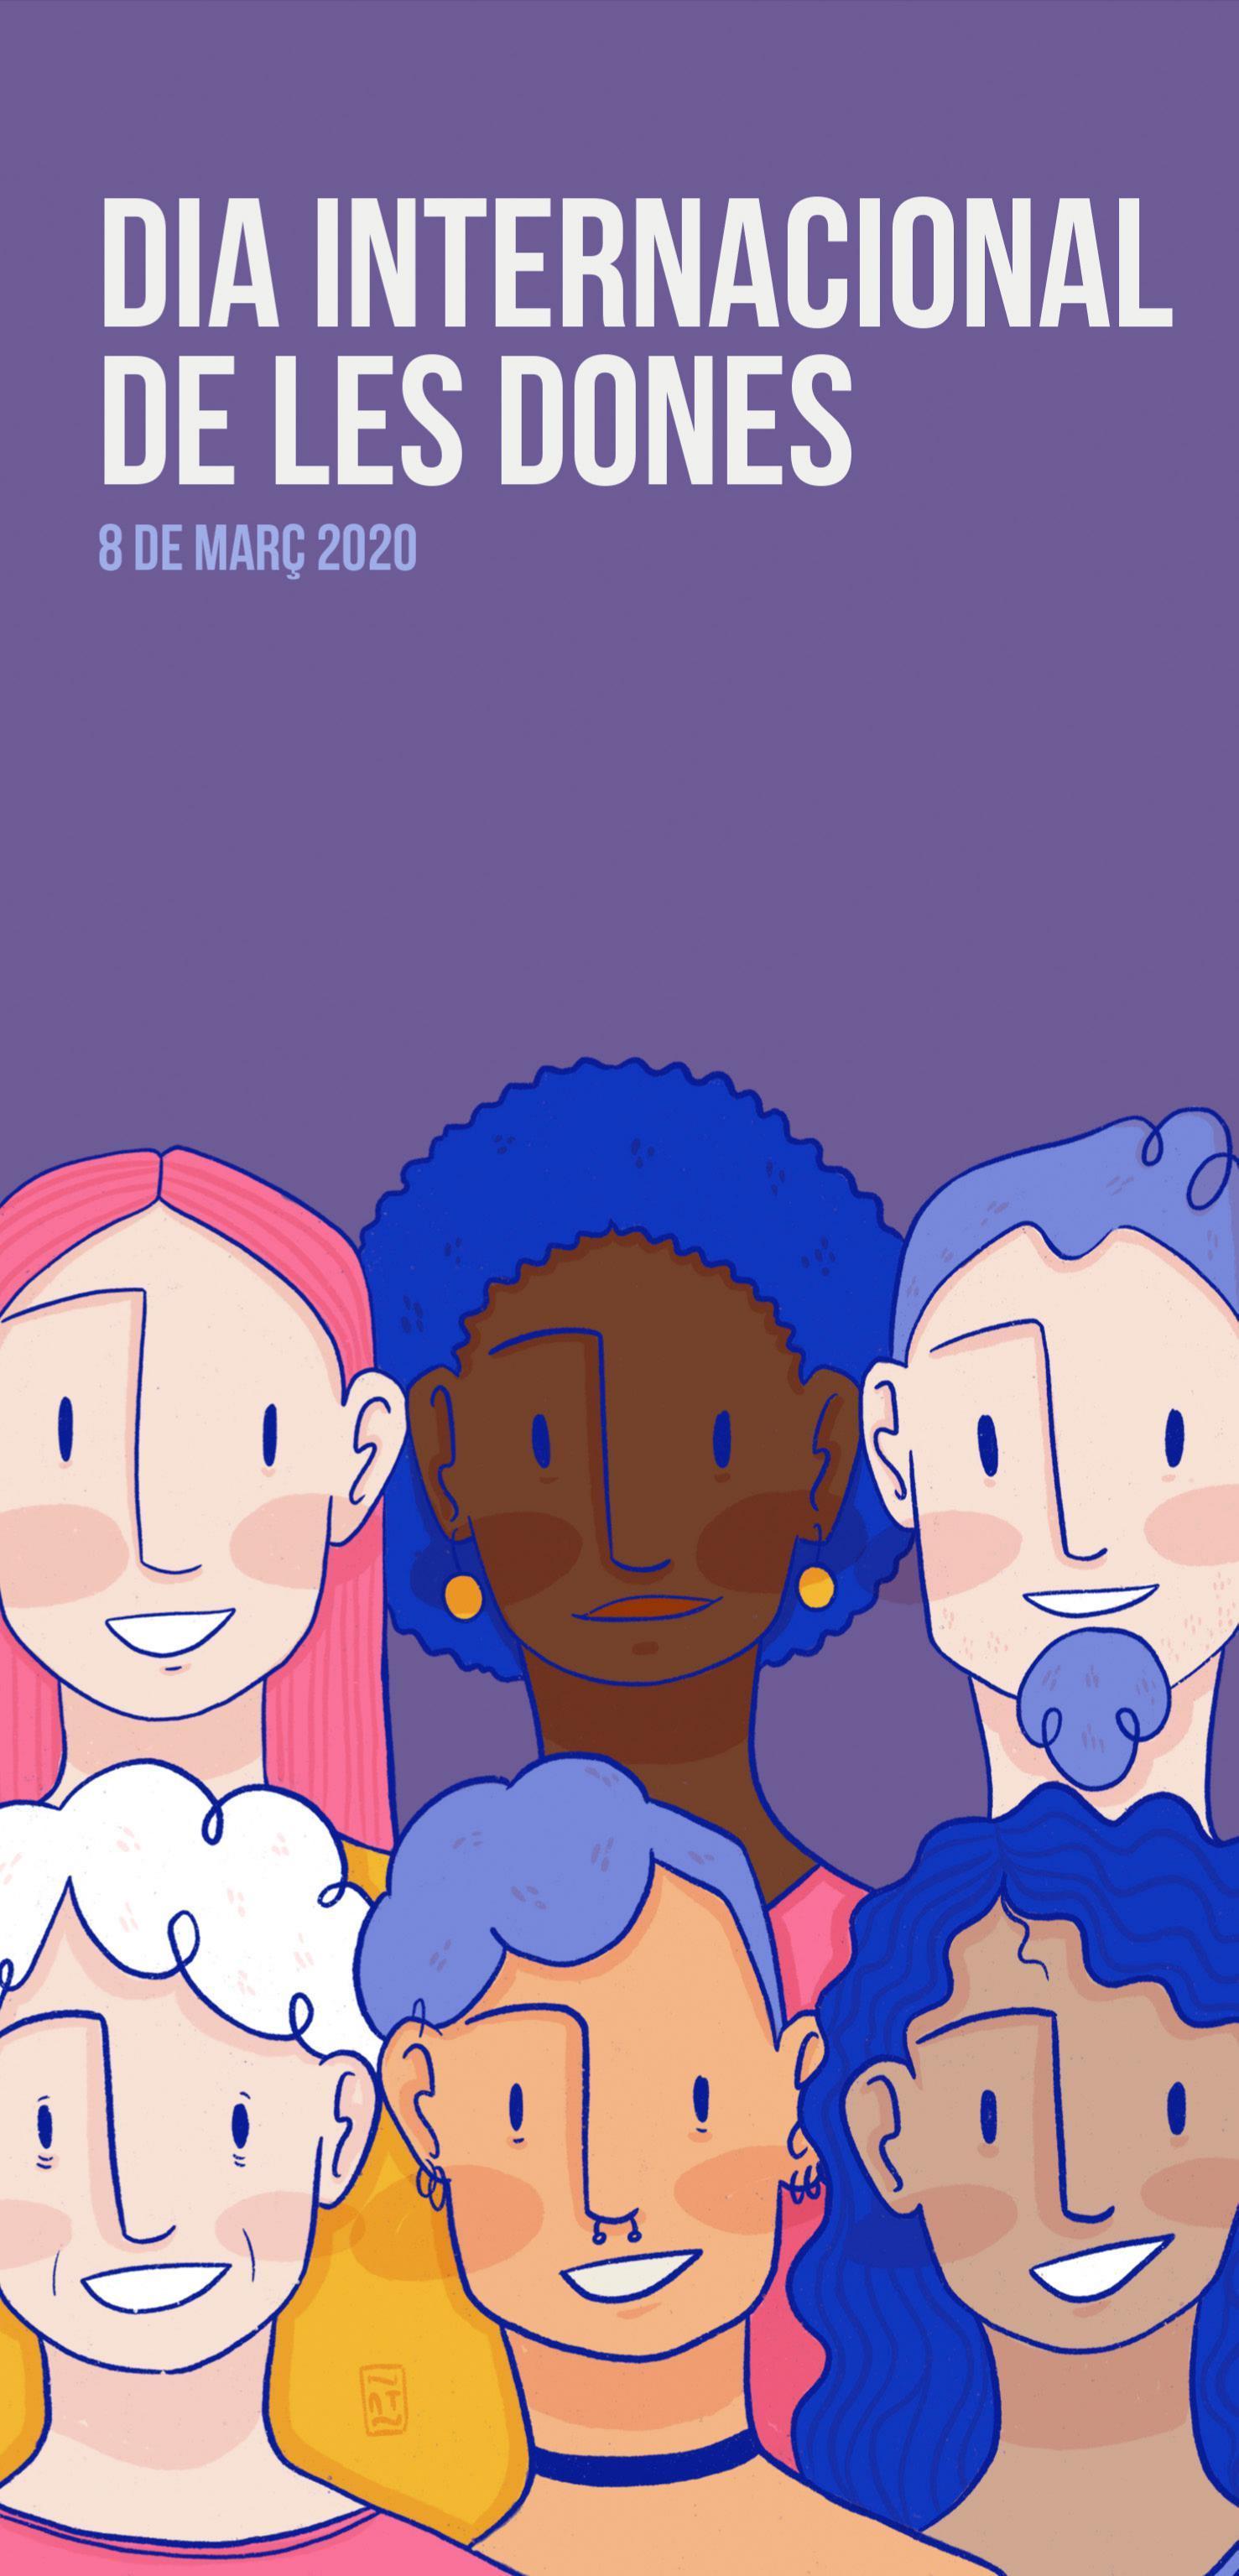 Dia Internacional de les DonesE